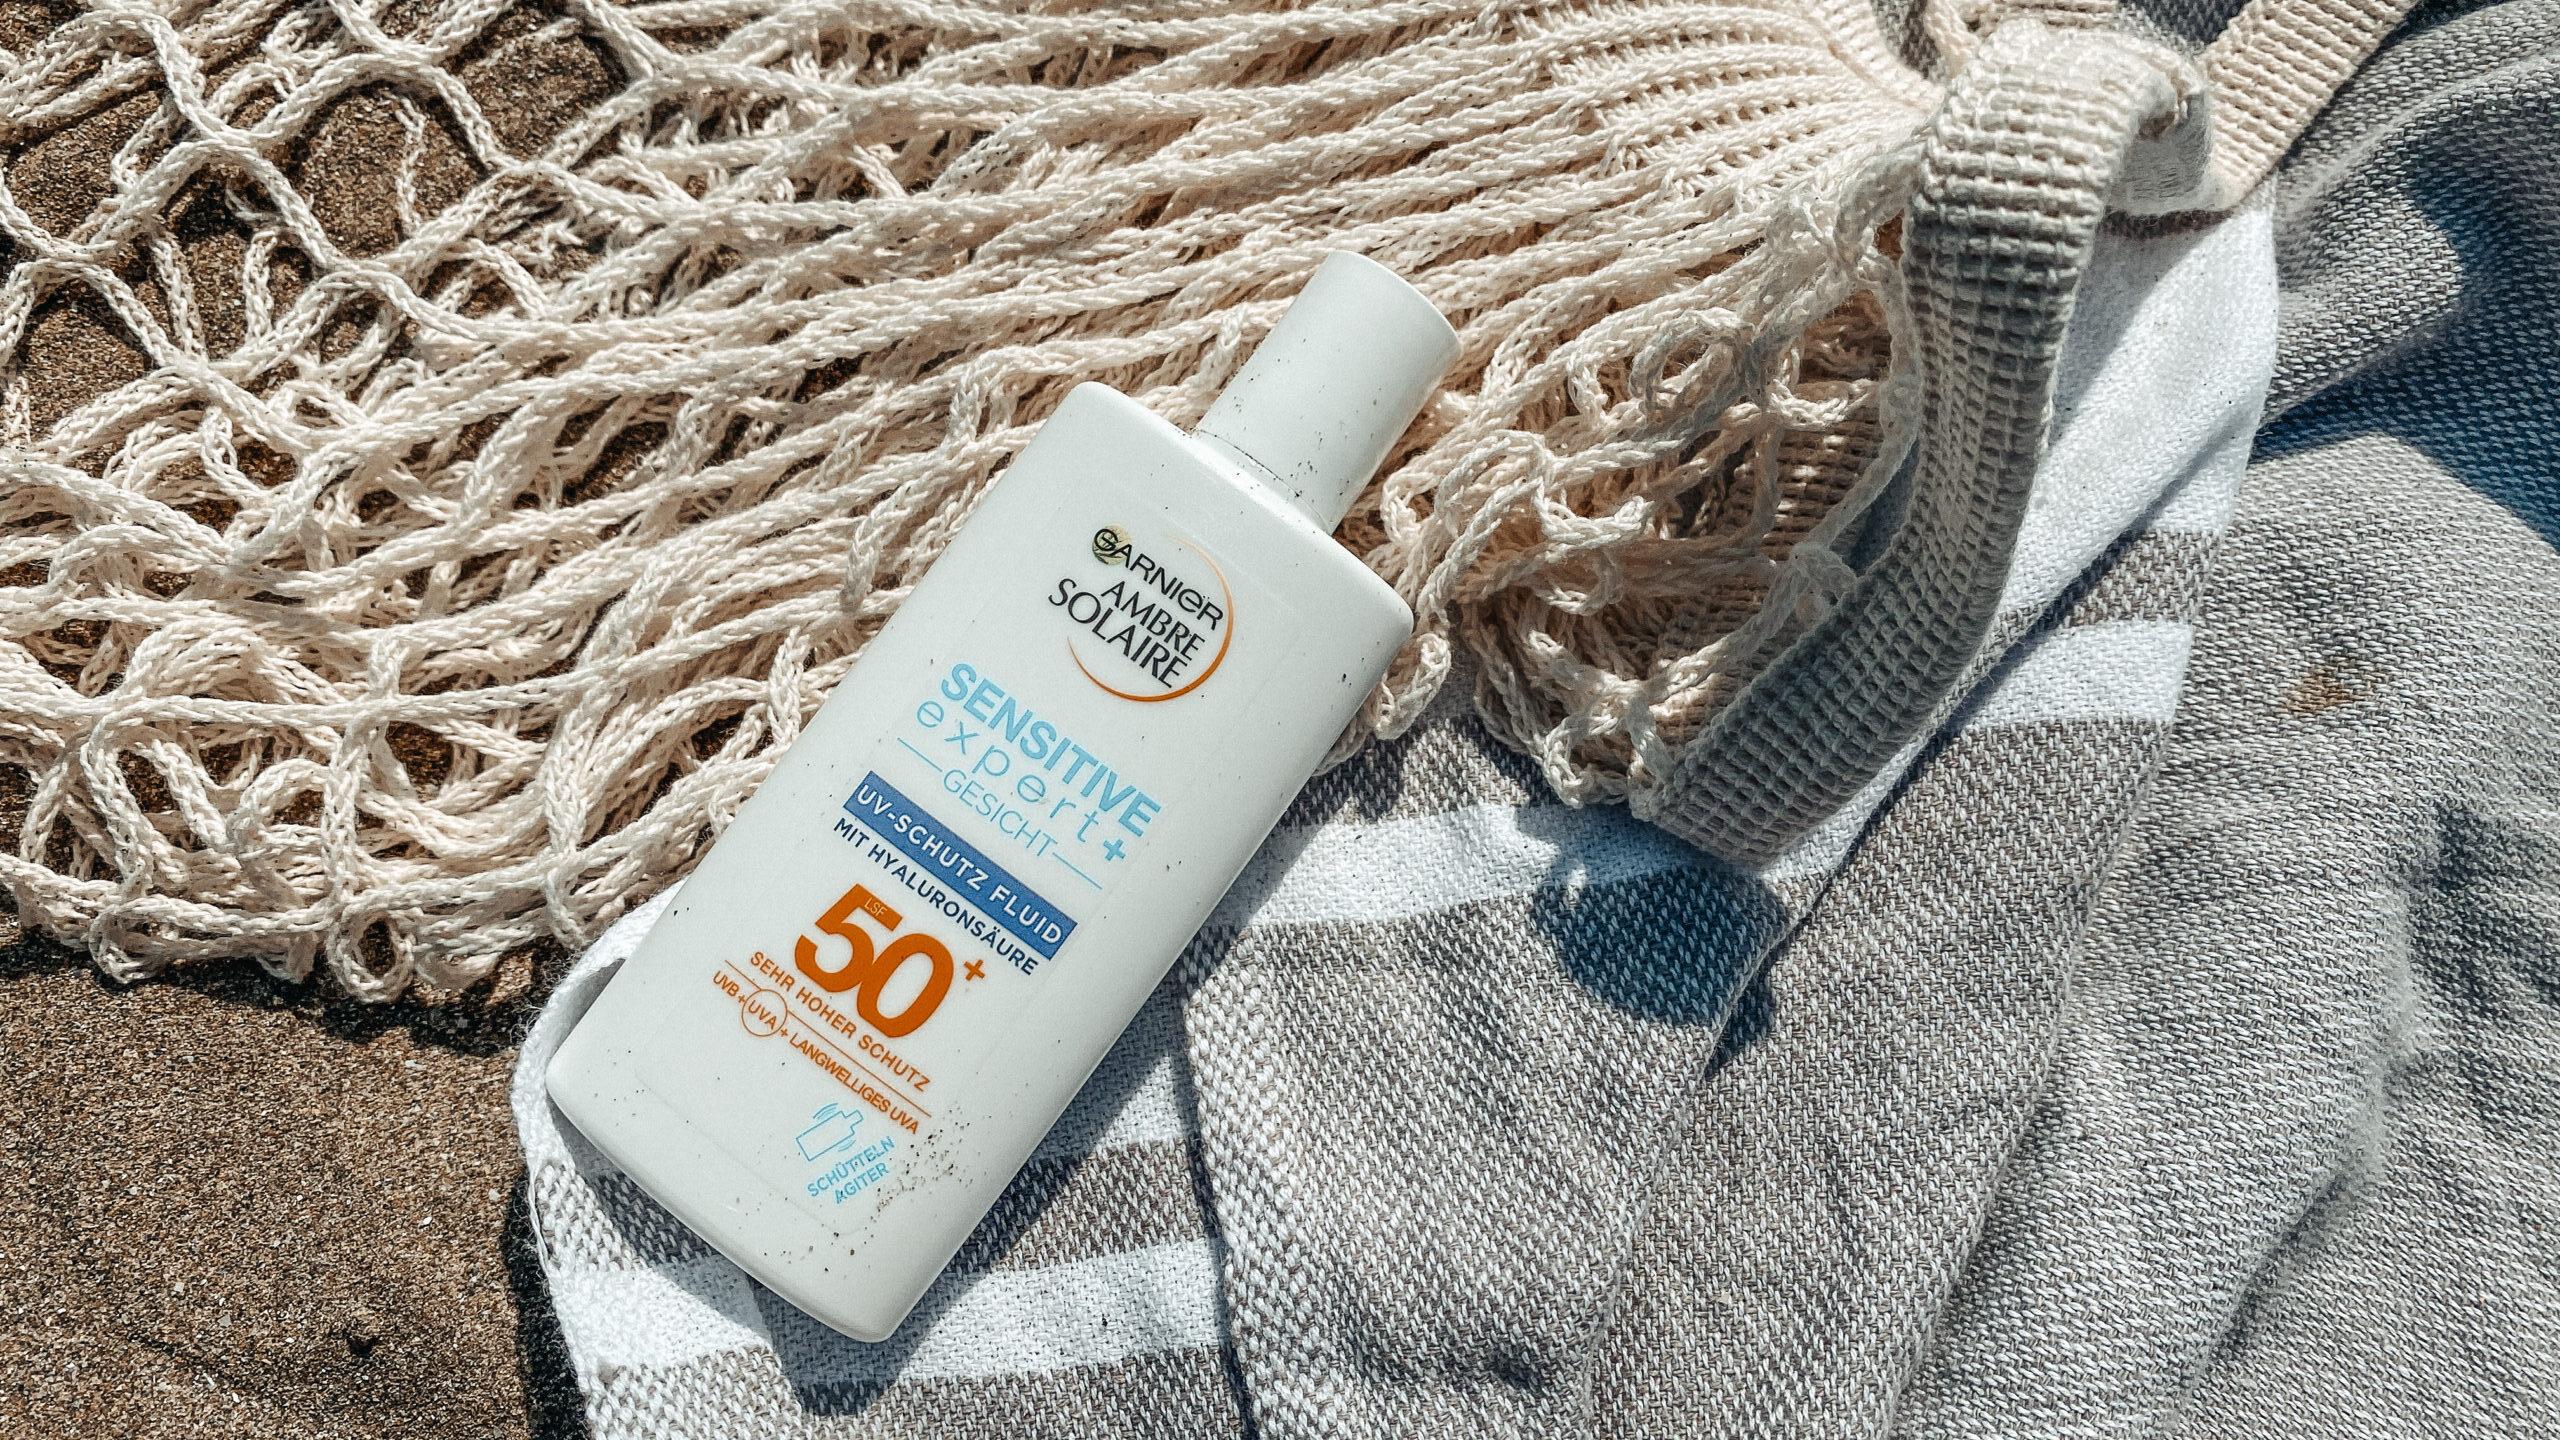 Garnier Ambre Solaire Sensitive expert+ Gesicht UV-Schutz Fluid